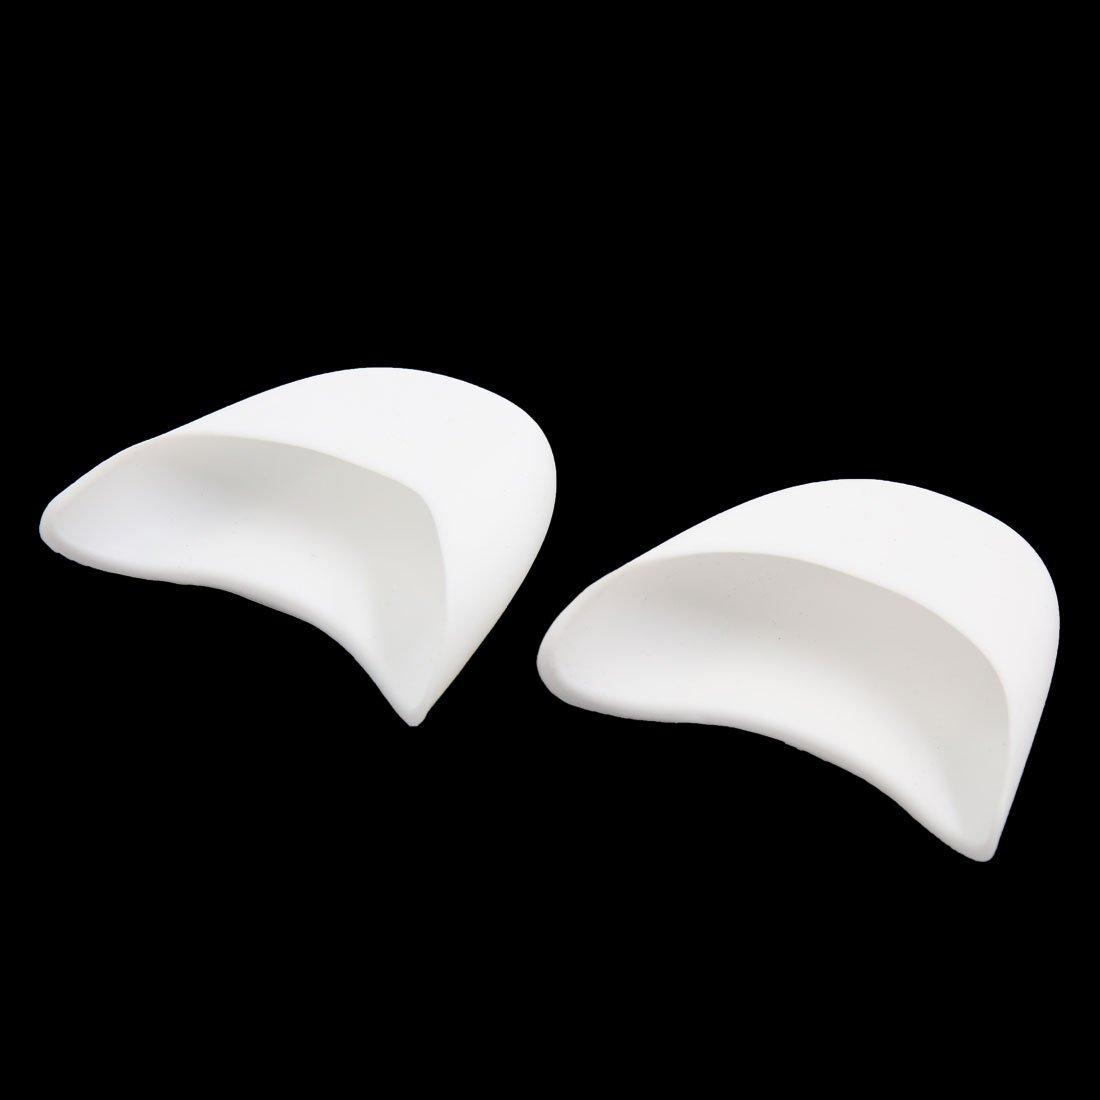 Amazon.com: eDealMax 1 par de silicona Blanca Gel Puntera de Pointe del Ballet Danza Zapatos Cojines Protector Para la Mujer: Health & Personal Care